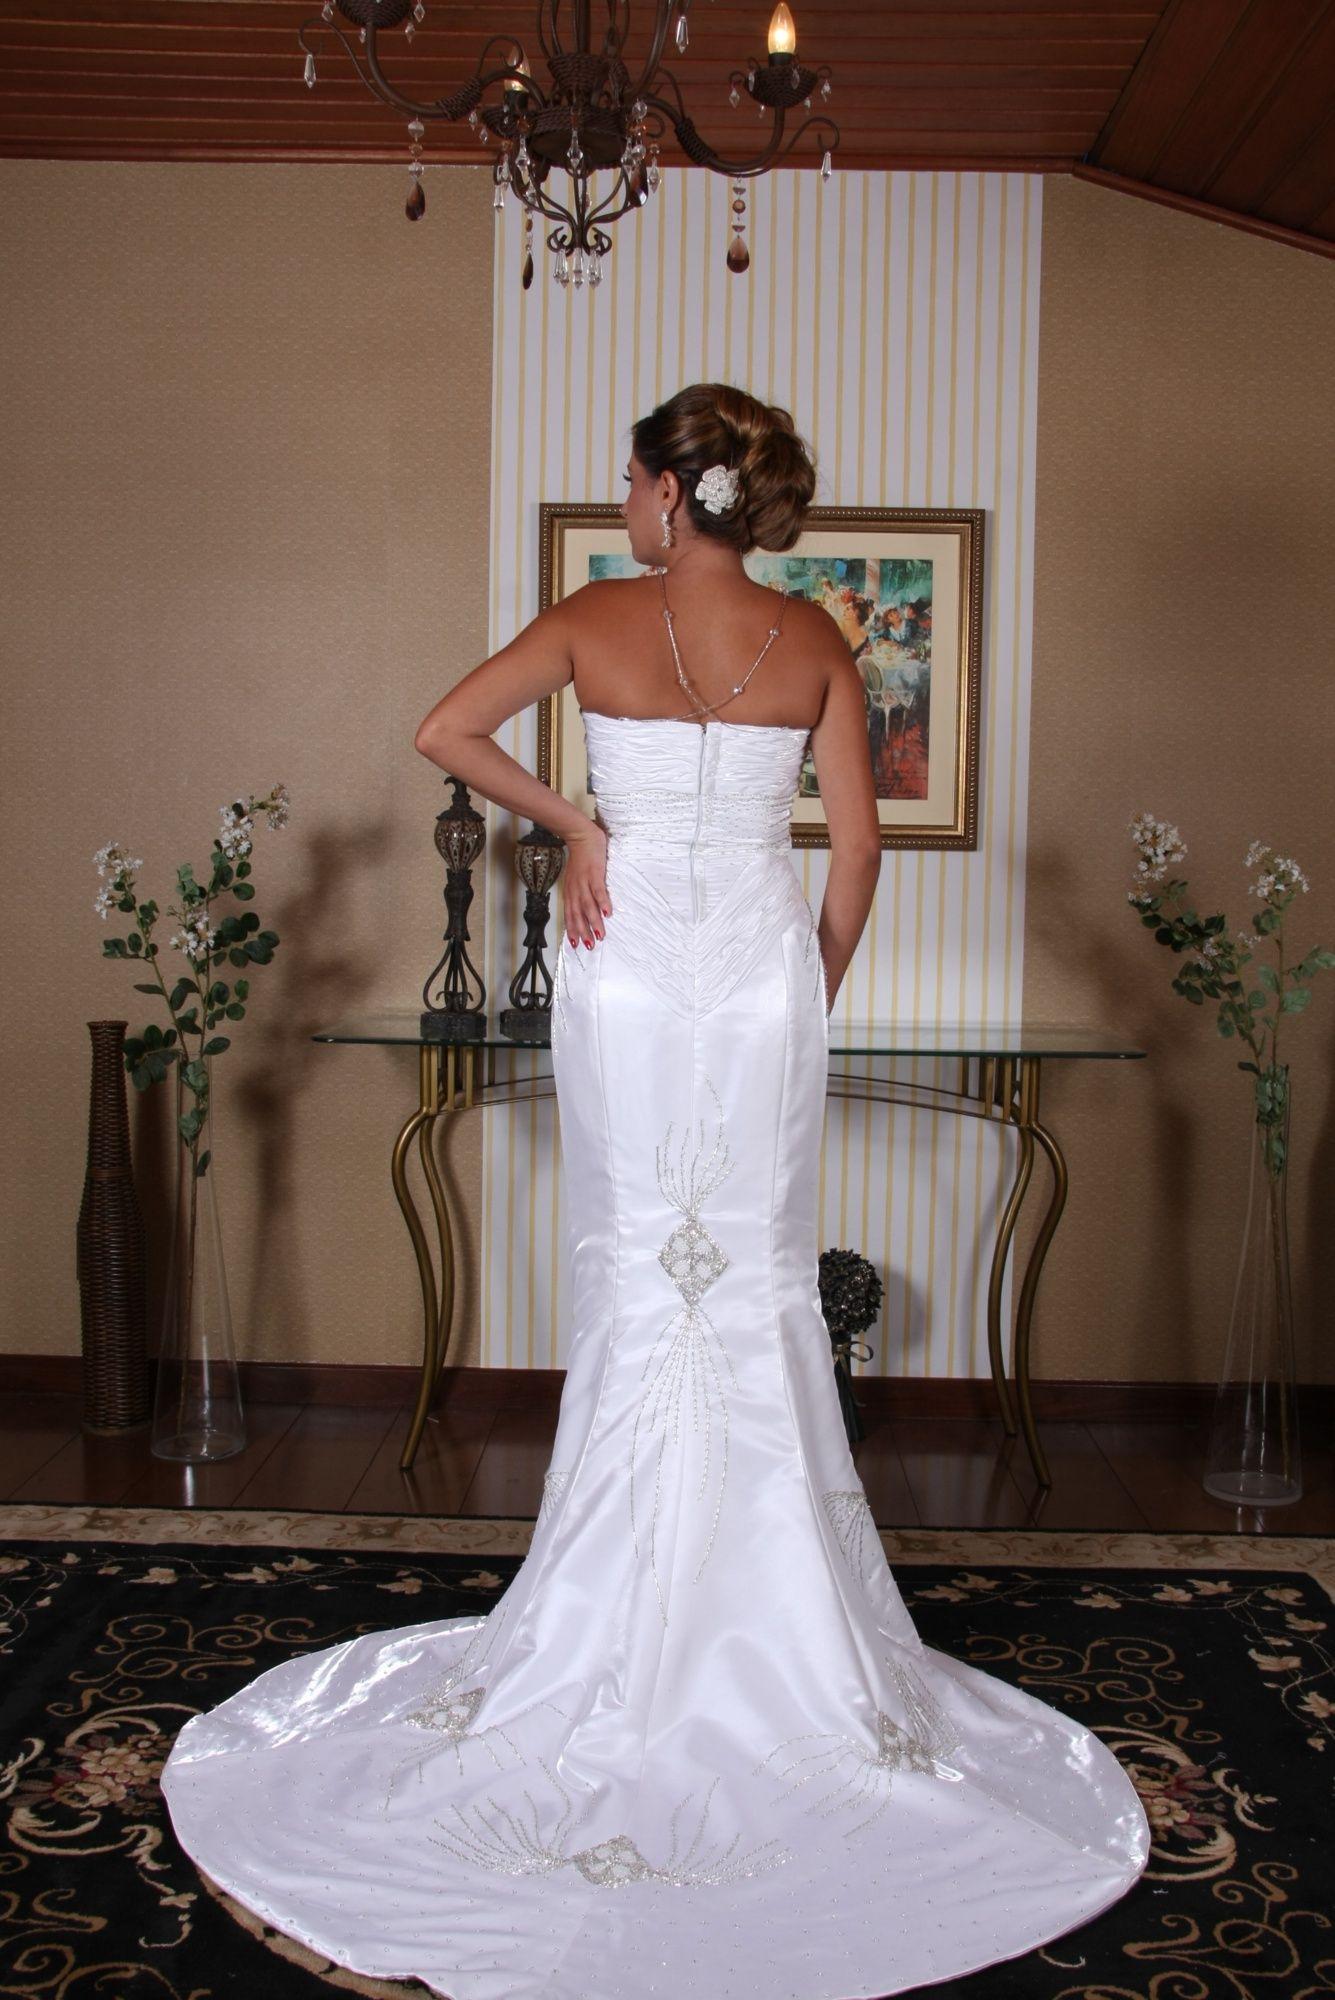 Vestido de Noiva Sereia - 4 - Hipnose Alta Costura e Spa para Noivas e Noivos - Campinas - SP Vestido de Noiva, Vestido de Noiva Sereia, Hipnose Alta Costura